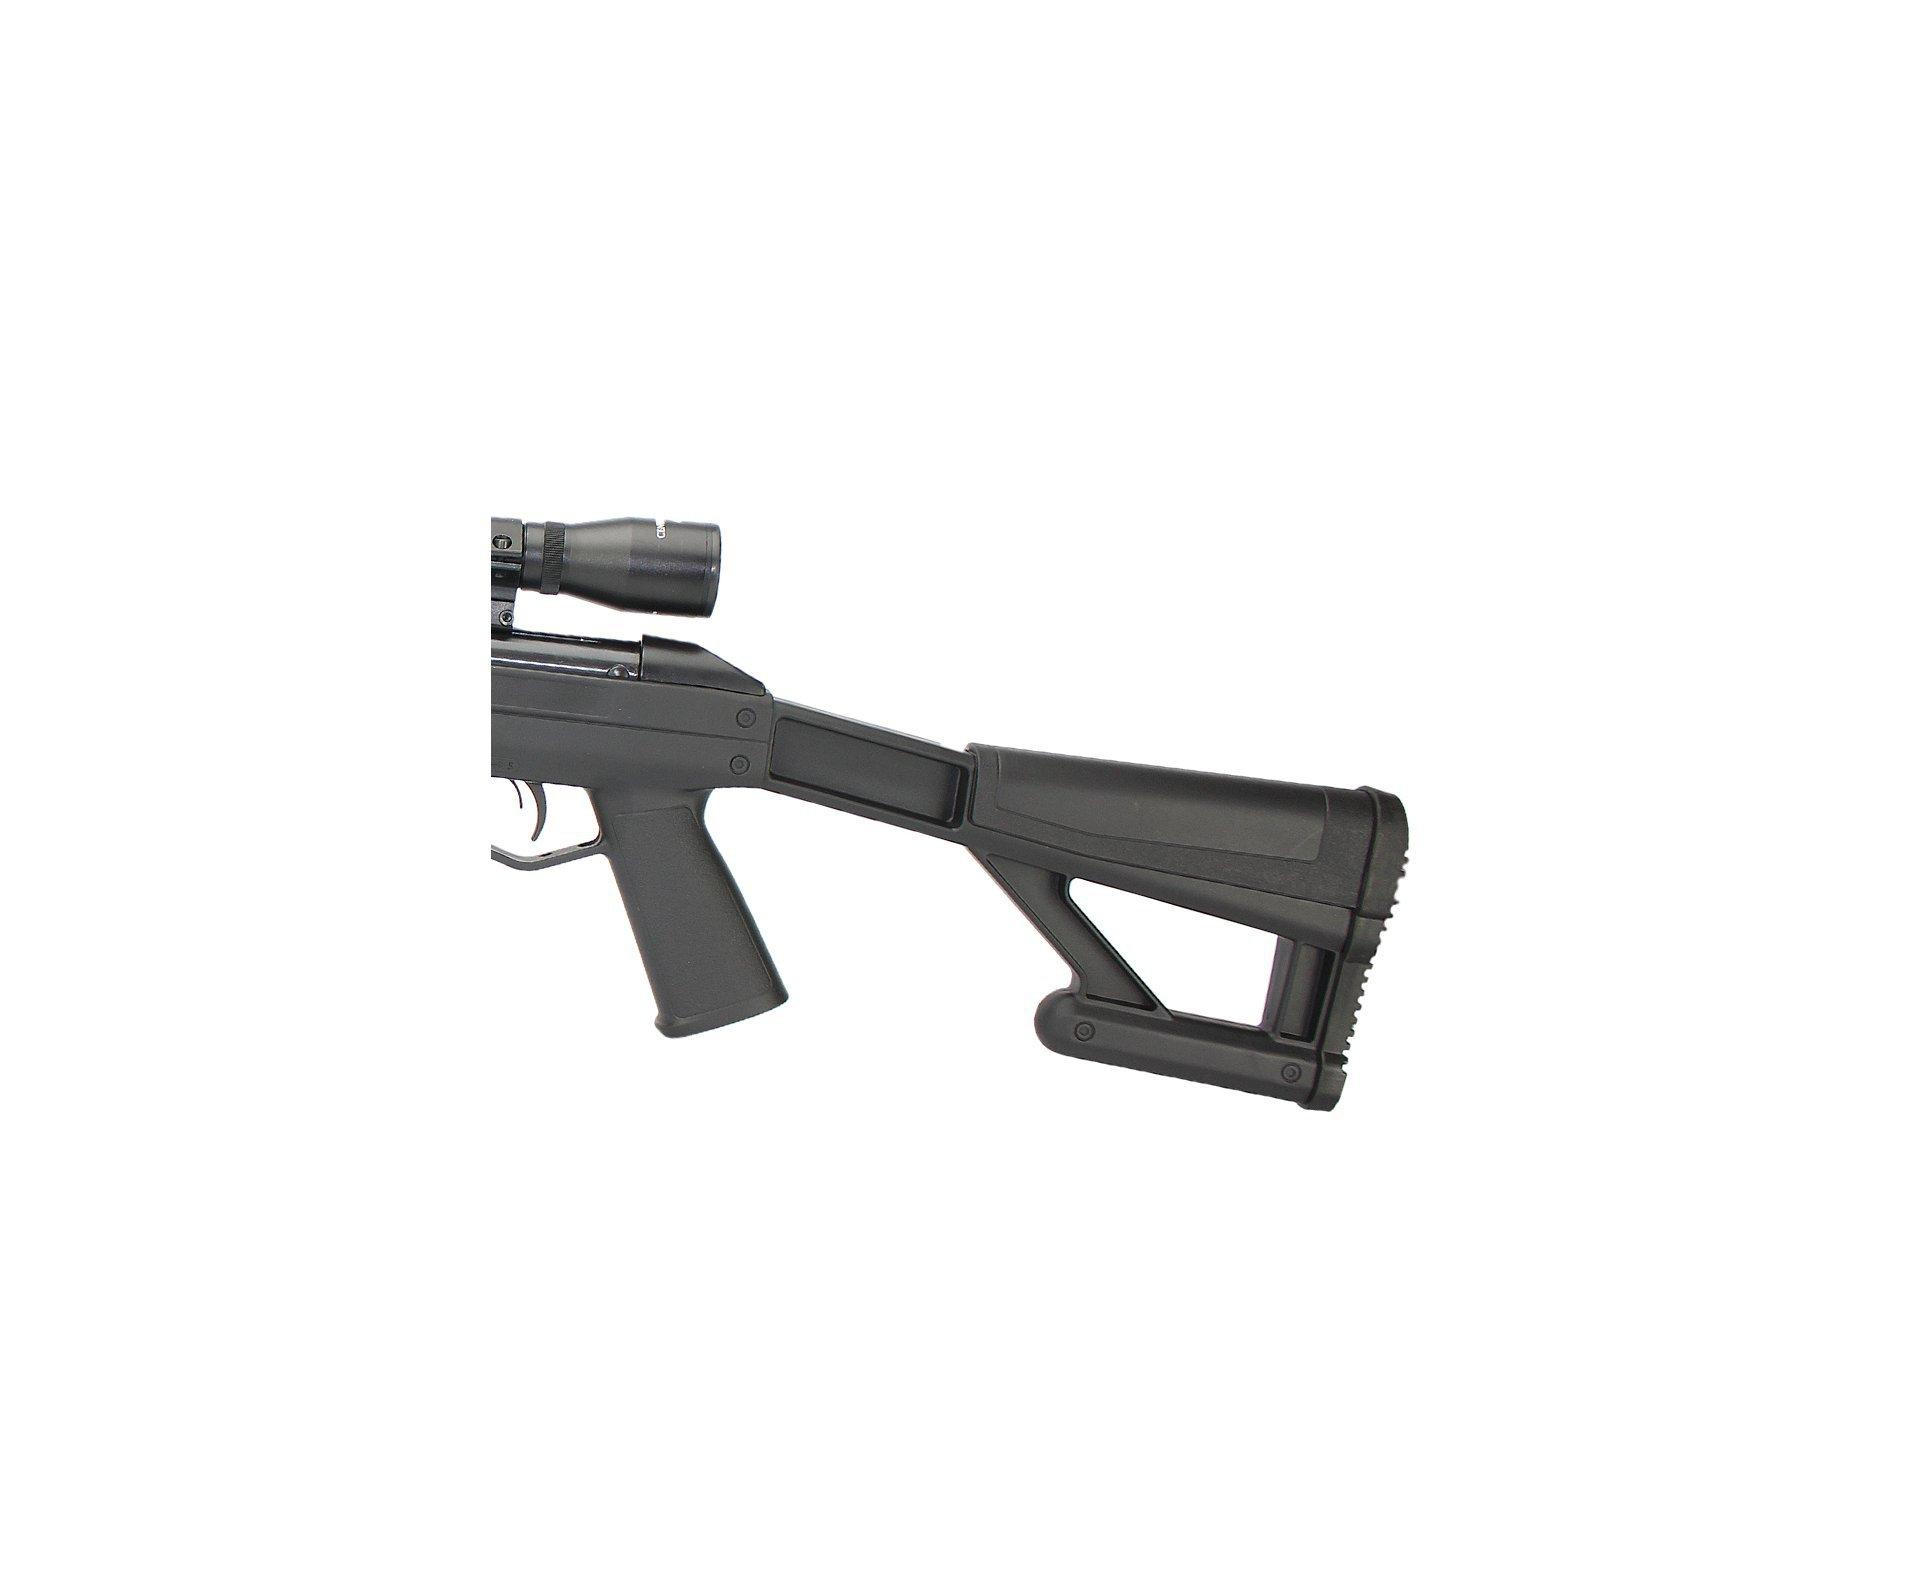 Carabina De Pressão Tr22 + Luneta 4x32 Center Point - Cal 5.5mm - Crosman